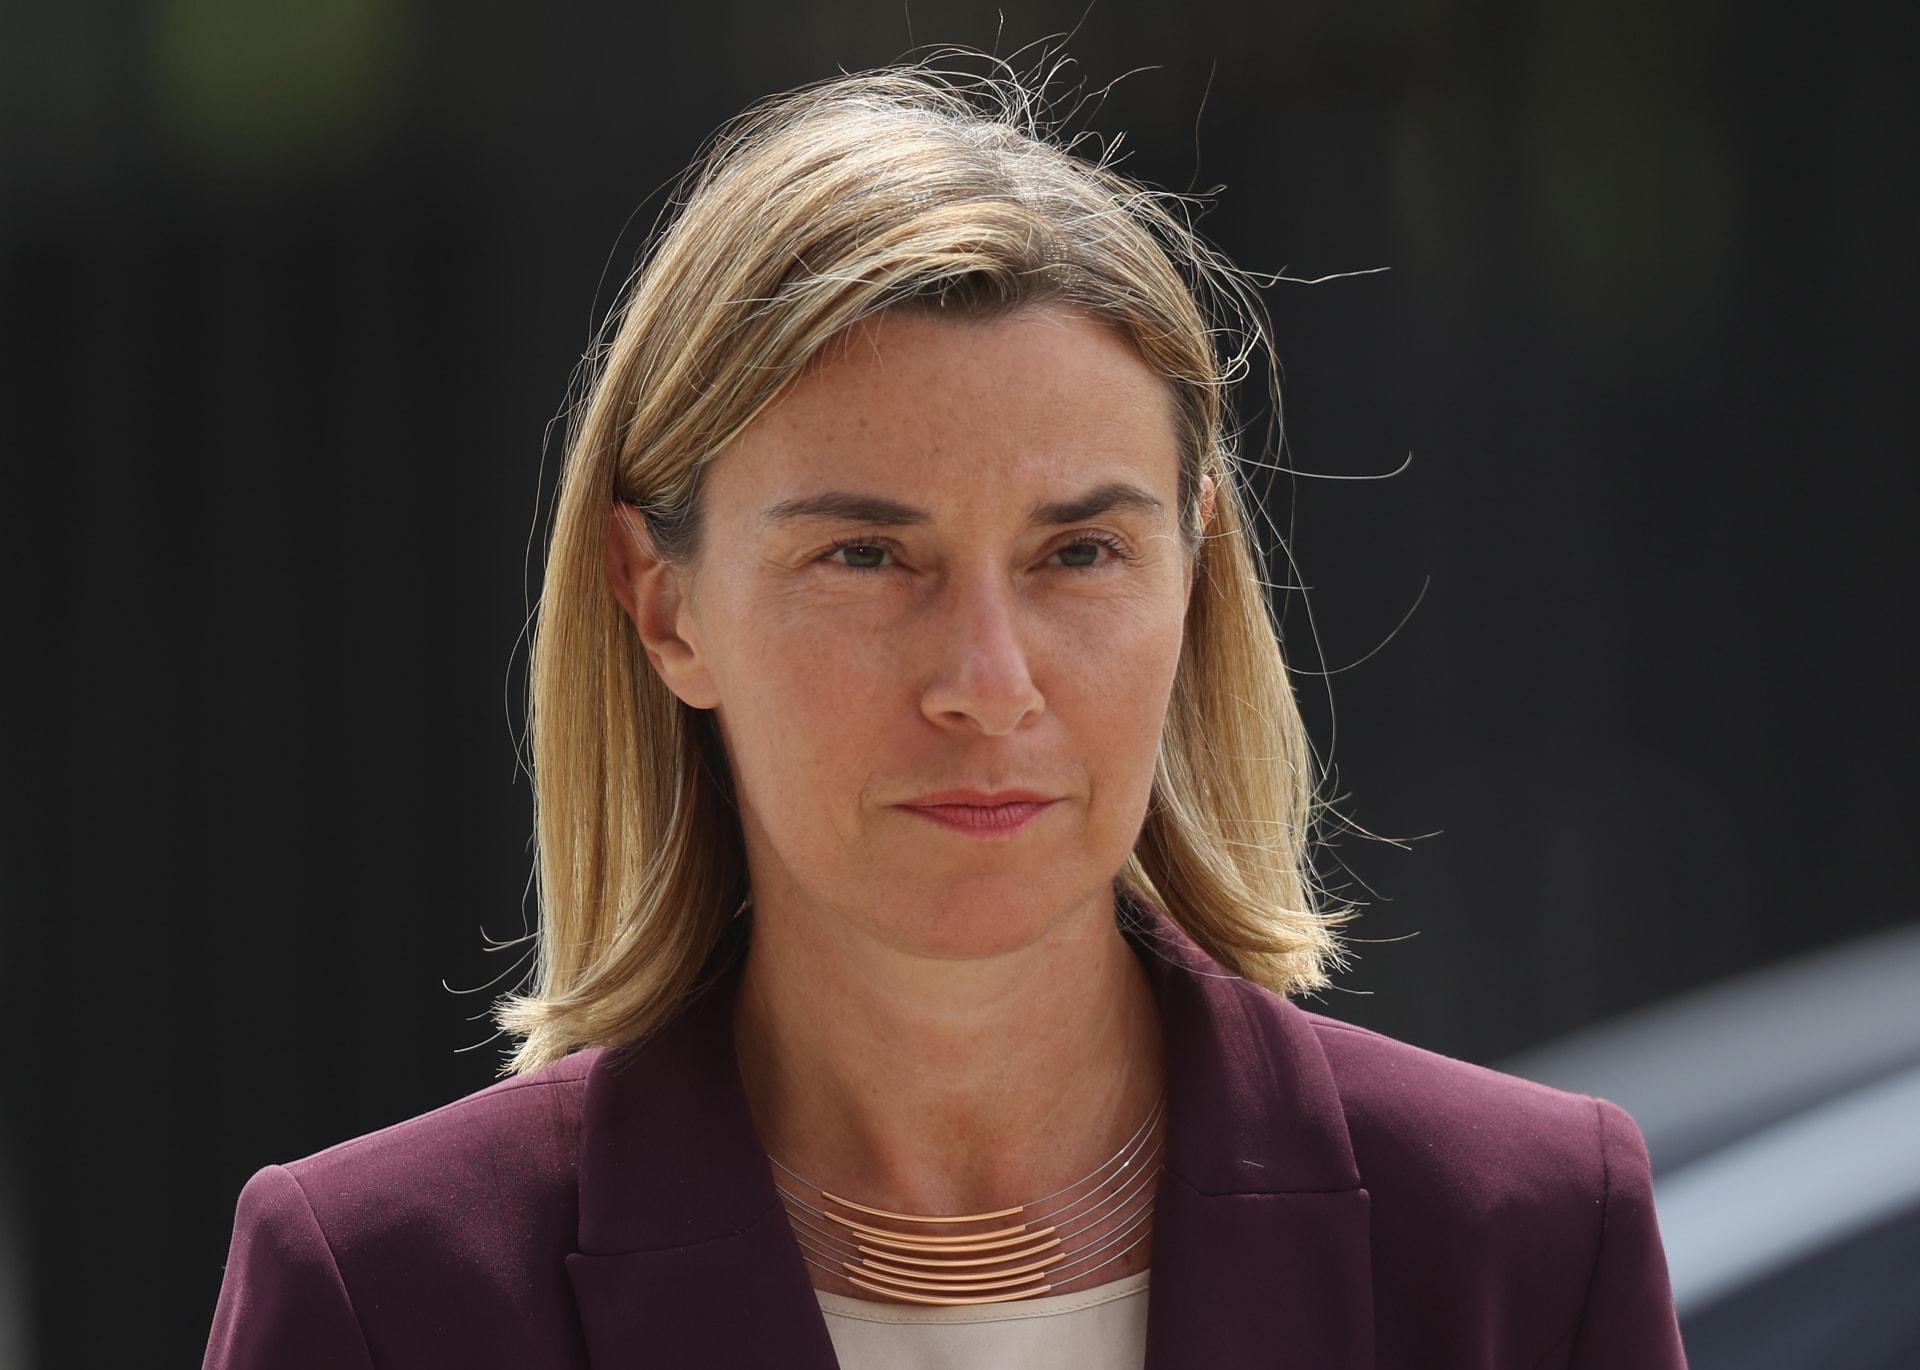 فريدريكا موغيريني: الاتحاد الأوروبي لم يرى بعد اكتمال التحقيقات بقضية خاشقجي